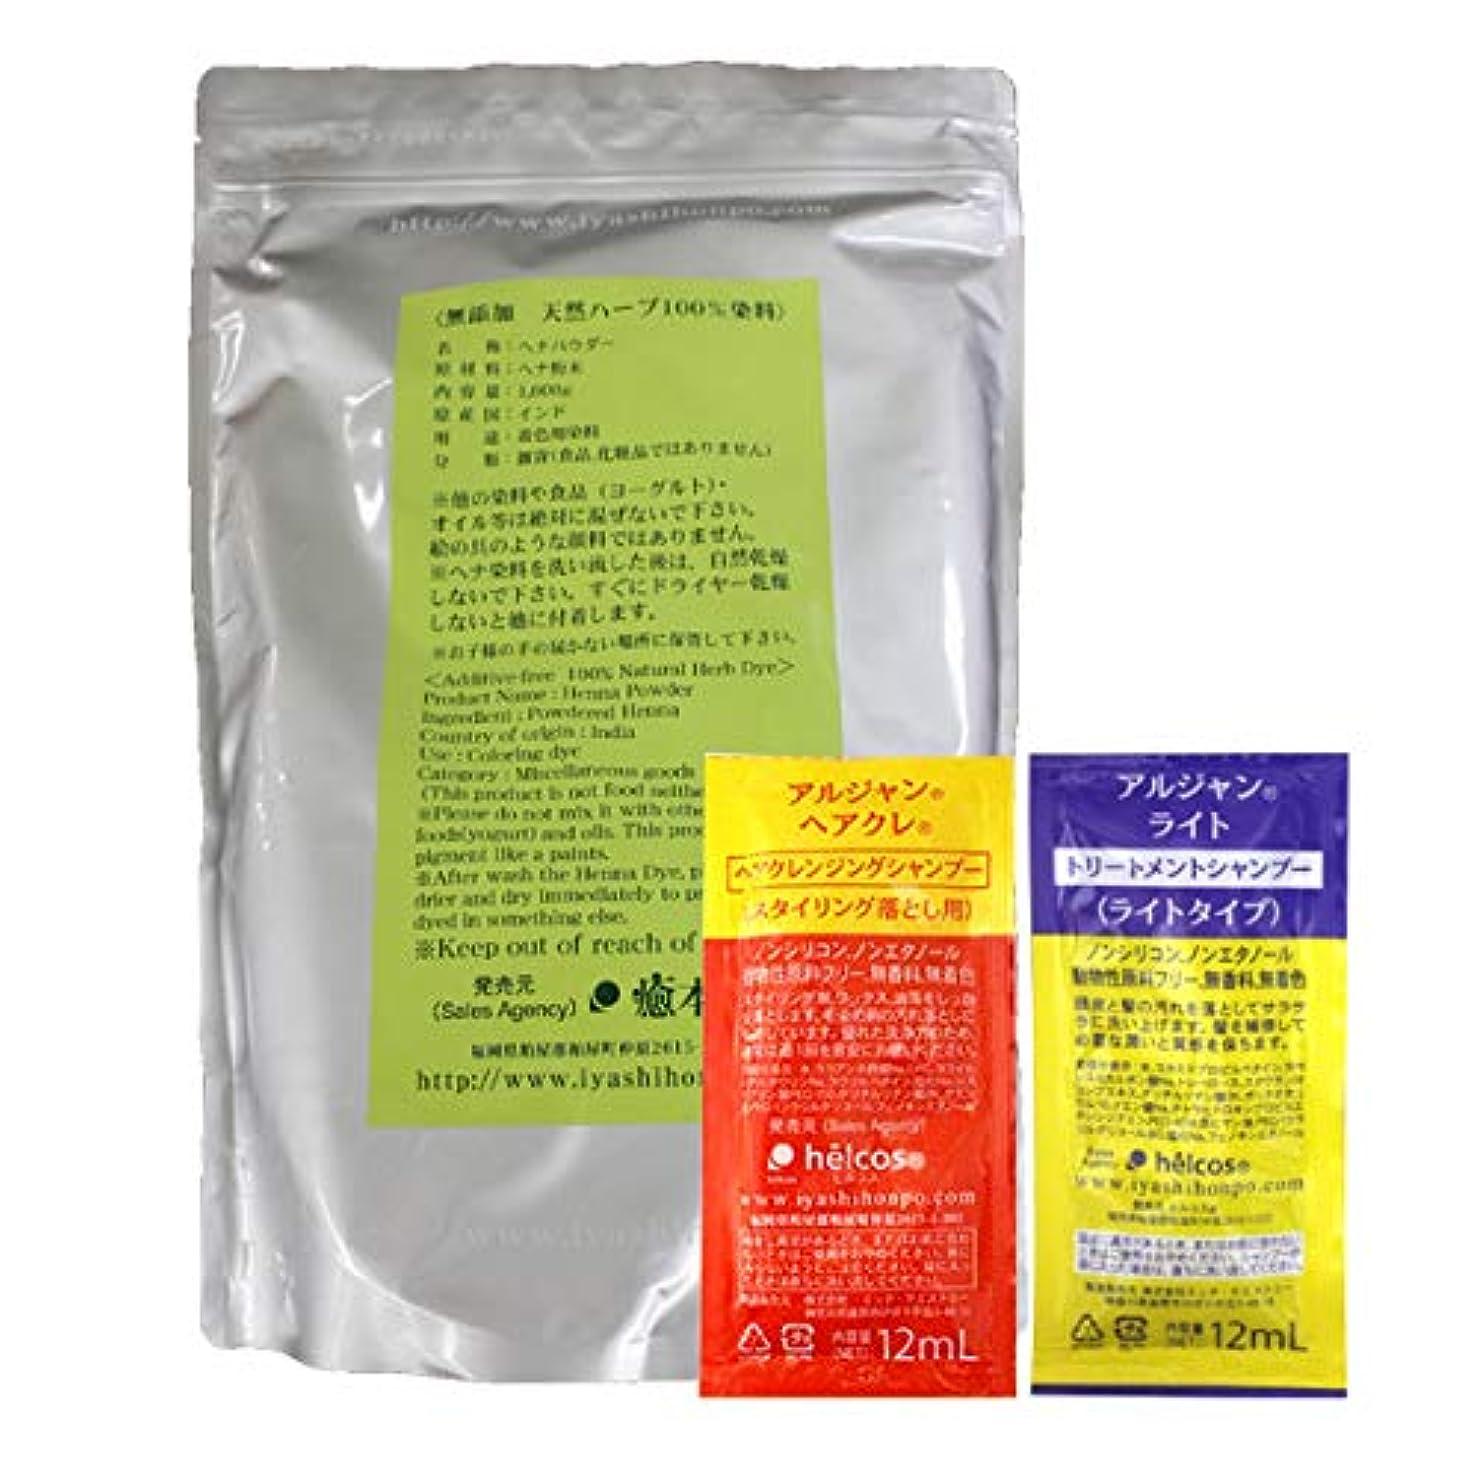 くしゃみフォージ福祉白髪染め ヘナ(天然染料100%) 1,000g + シャンプー2種セット 癒本舗(ブラウン)